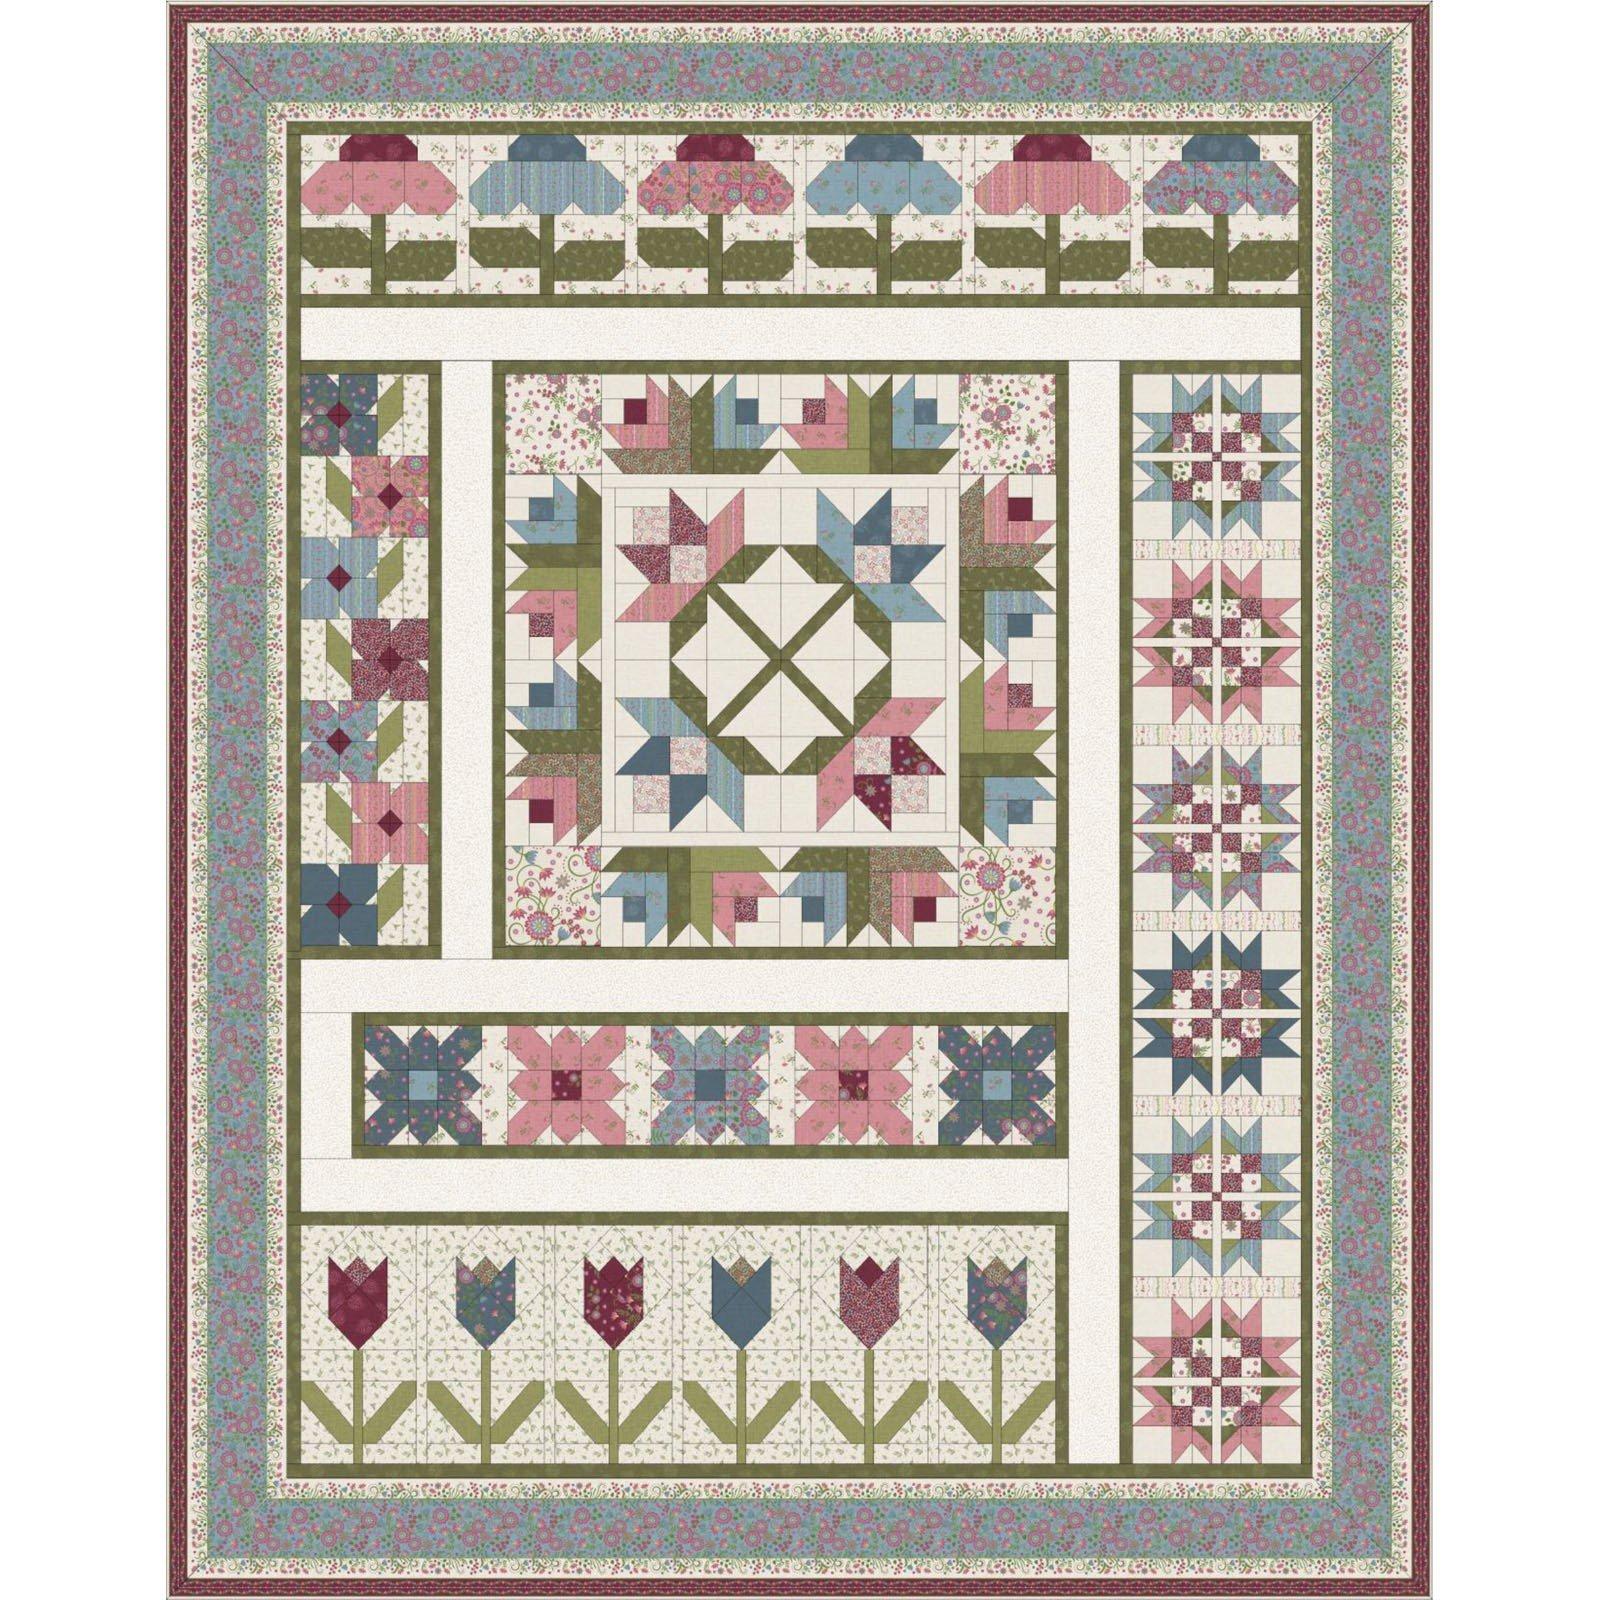 Flower Garden quilt kit by Monique Jacobs for Maywood Studio KIT-MASFLV-BOM